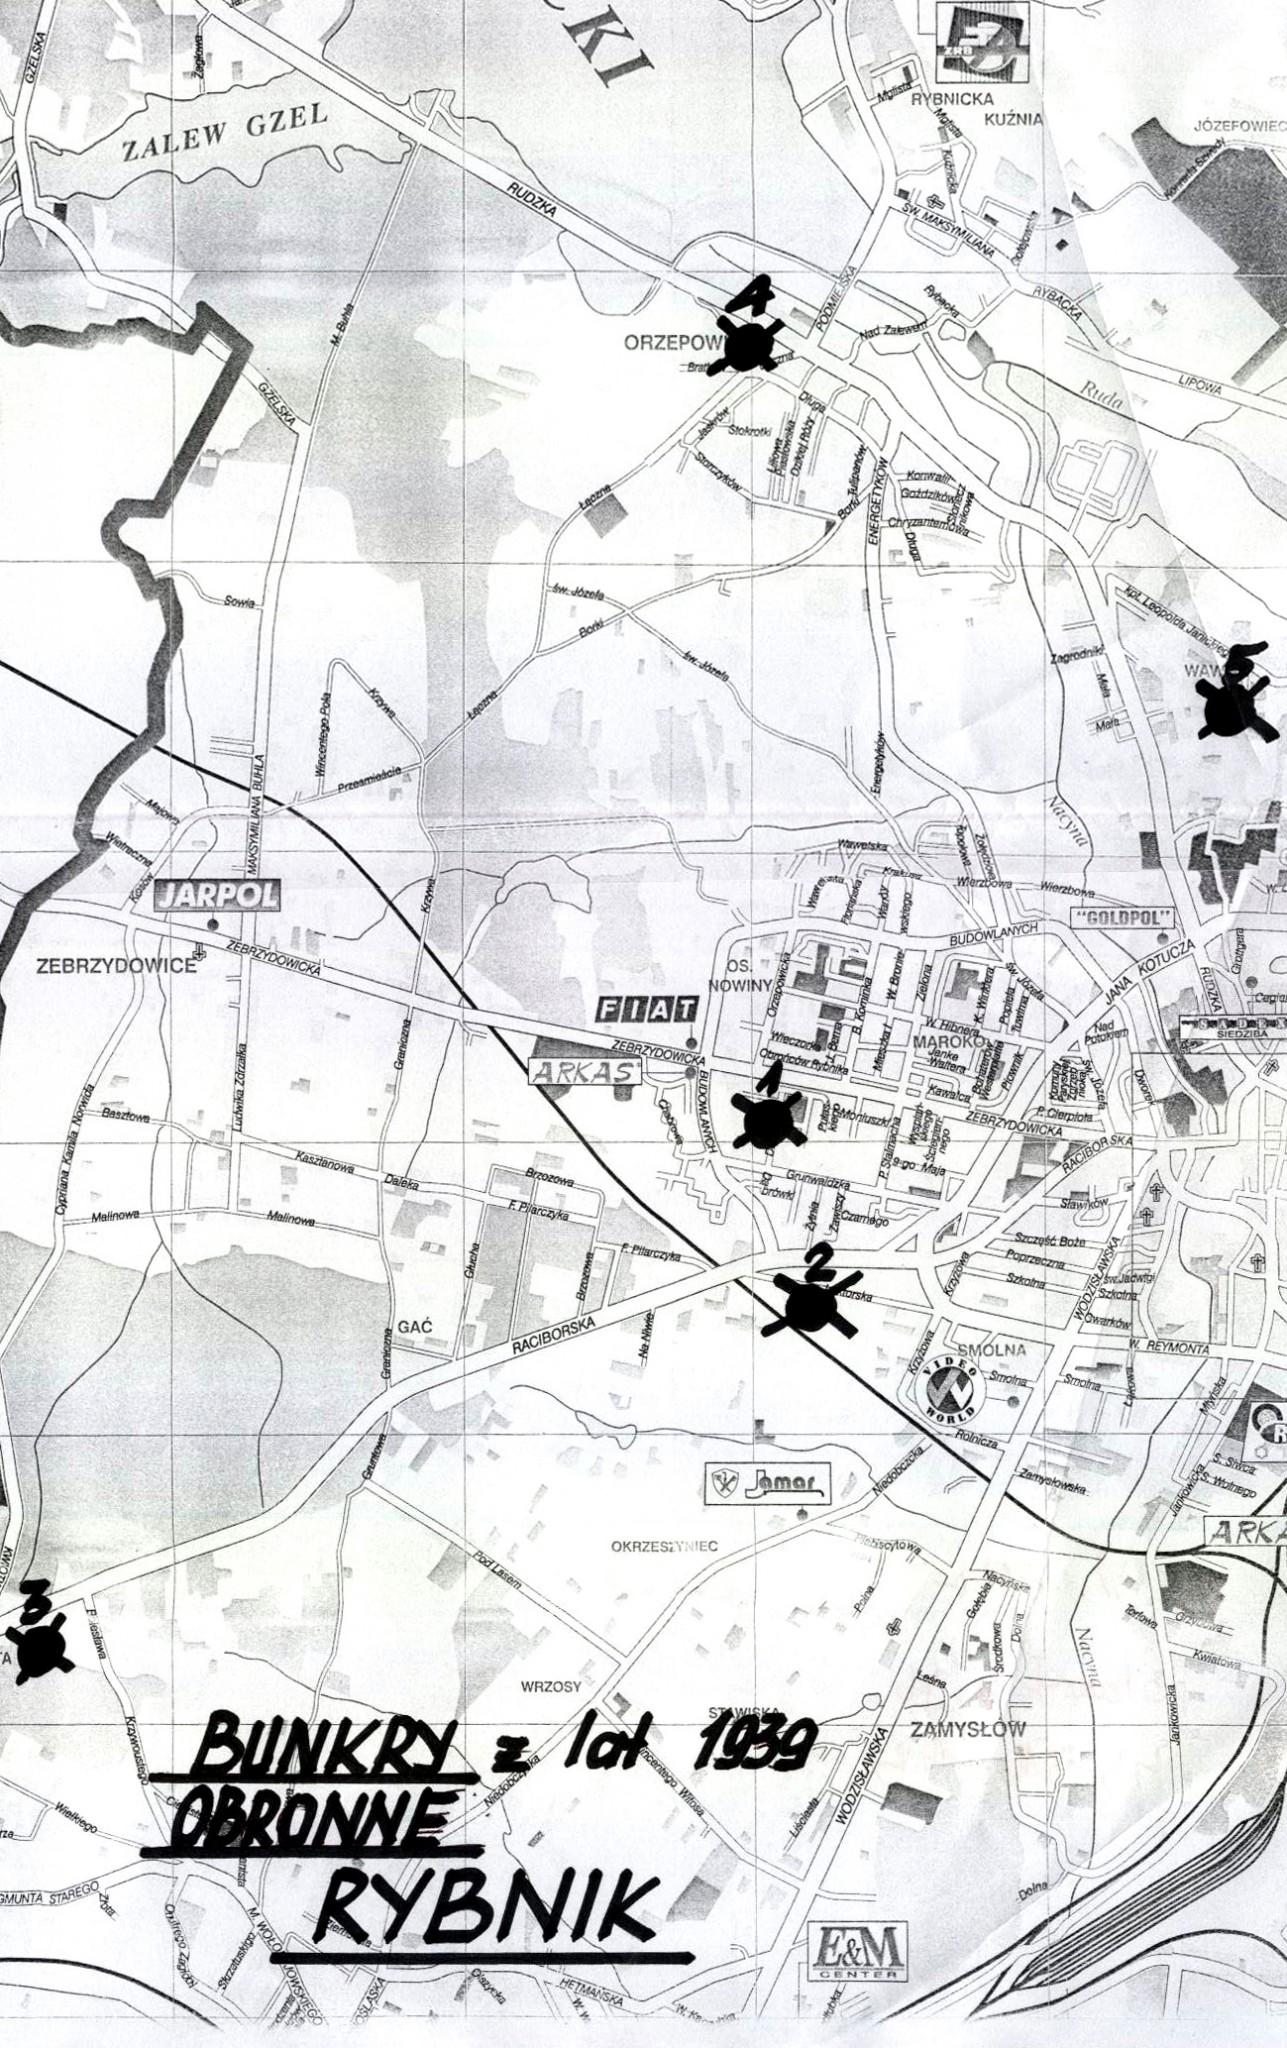 rybnik_schrony_mapa